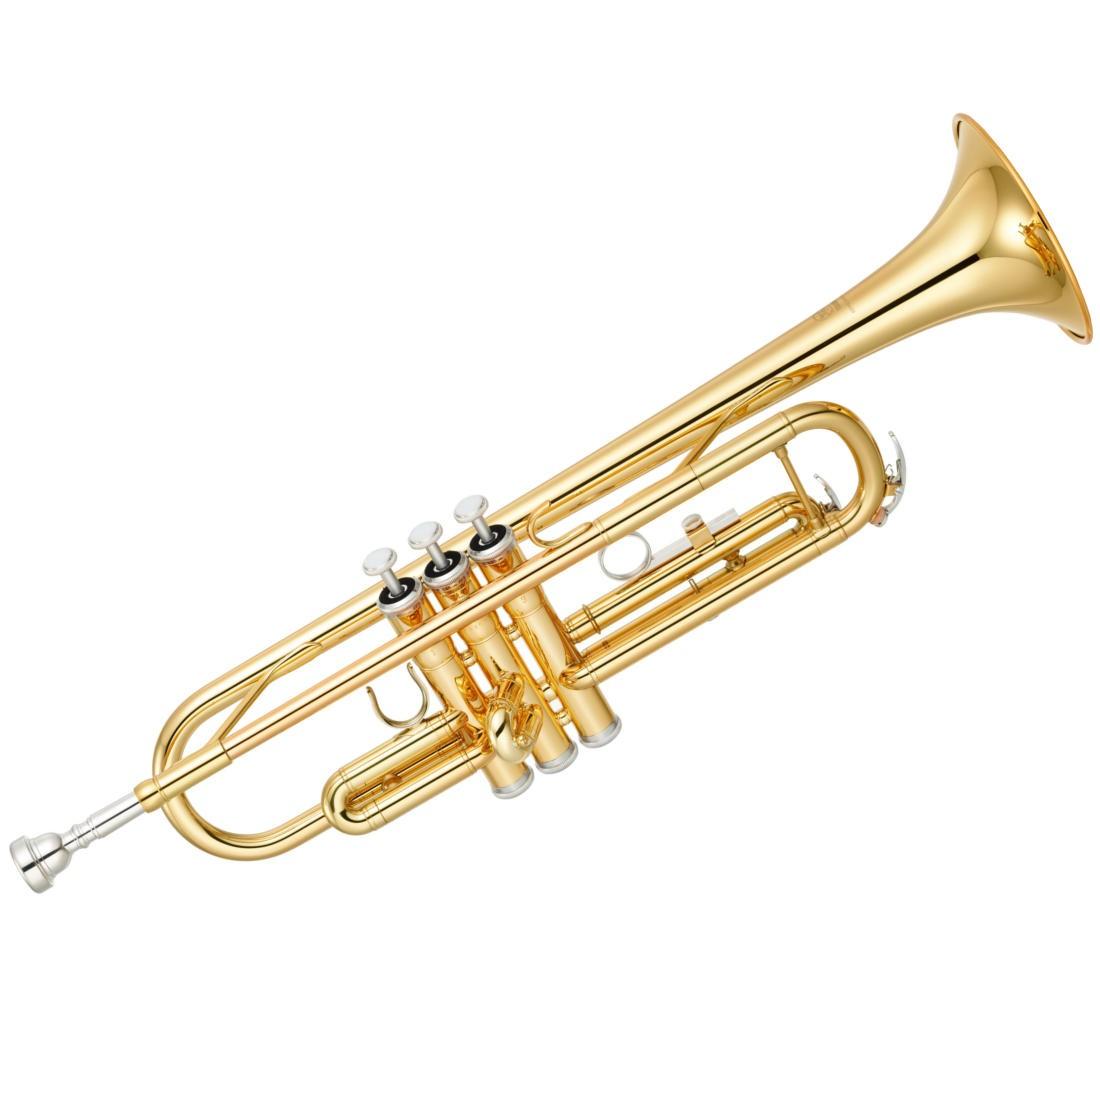 Trumpets | Capitol Music Ensembles